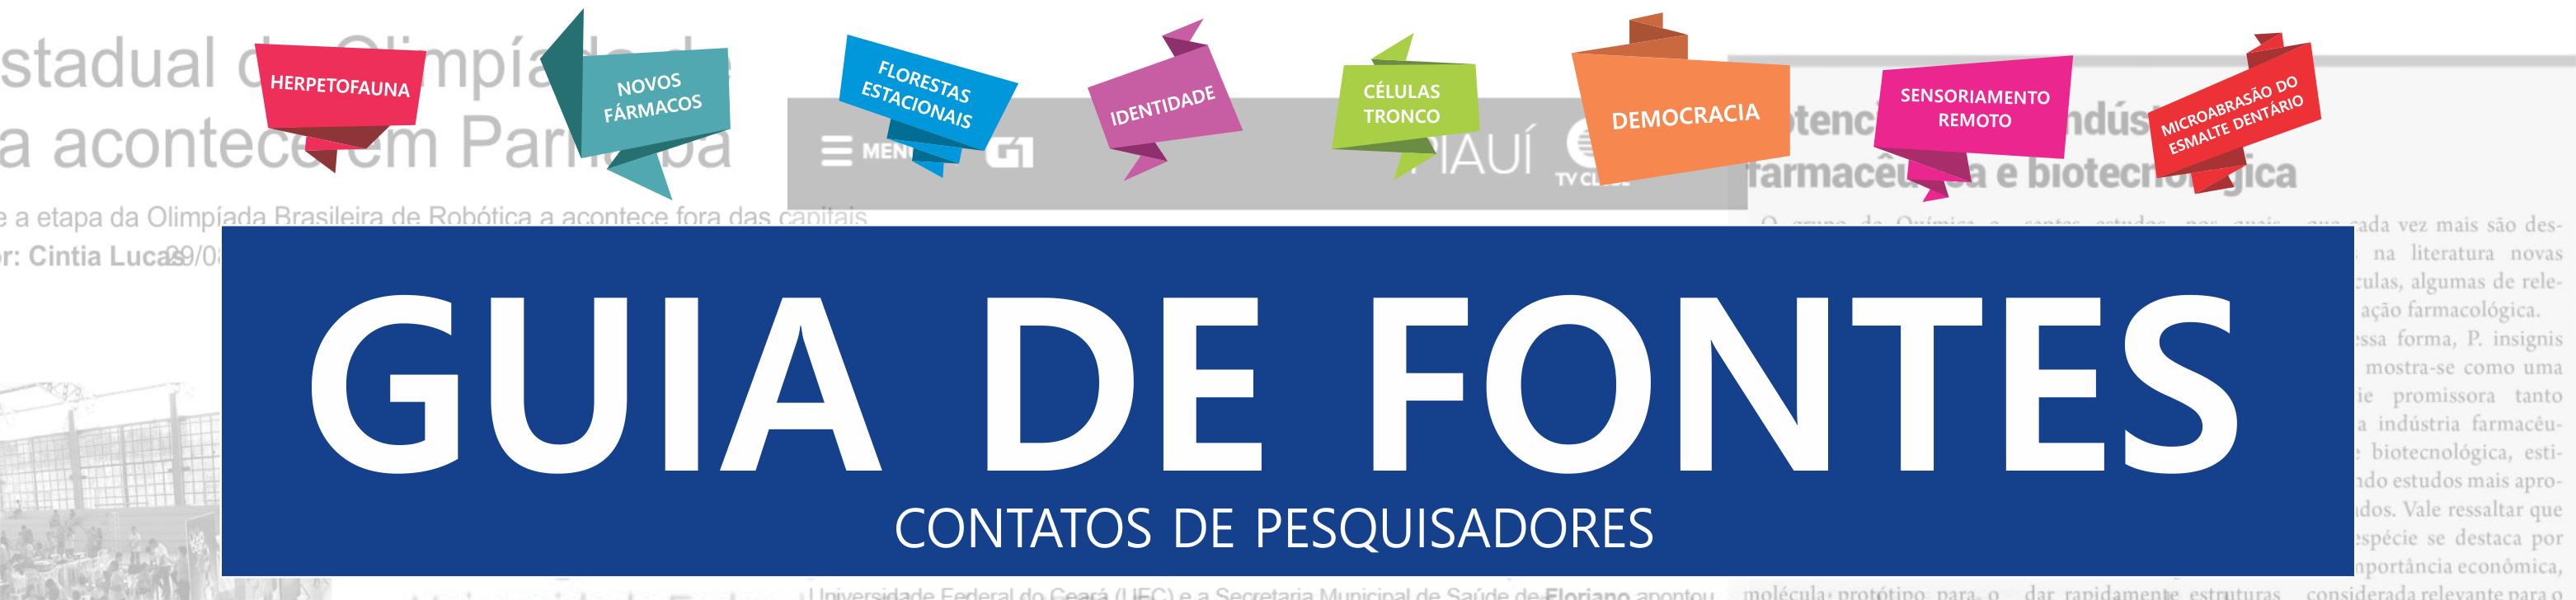 Guia de Fontes da UFPI